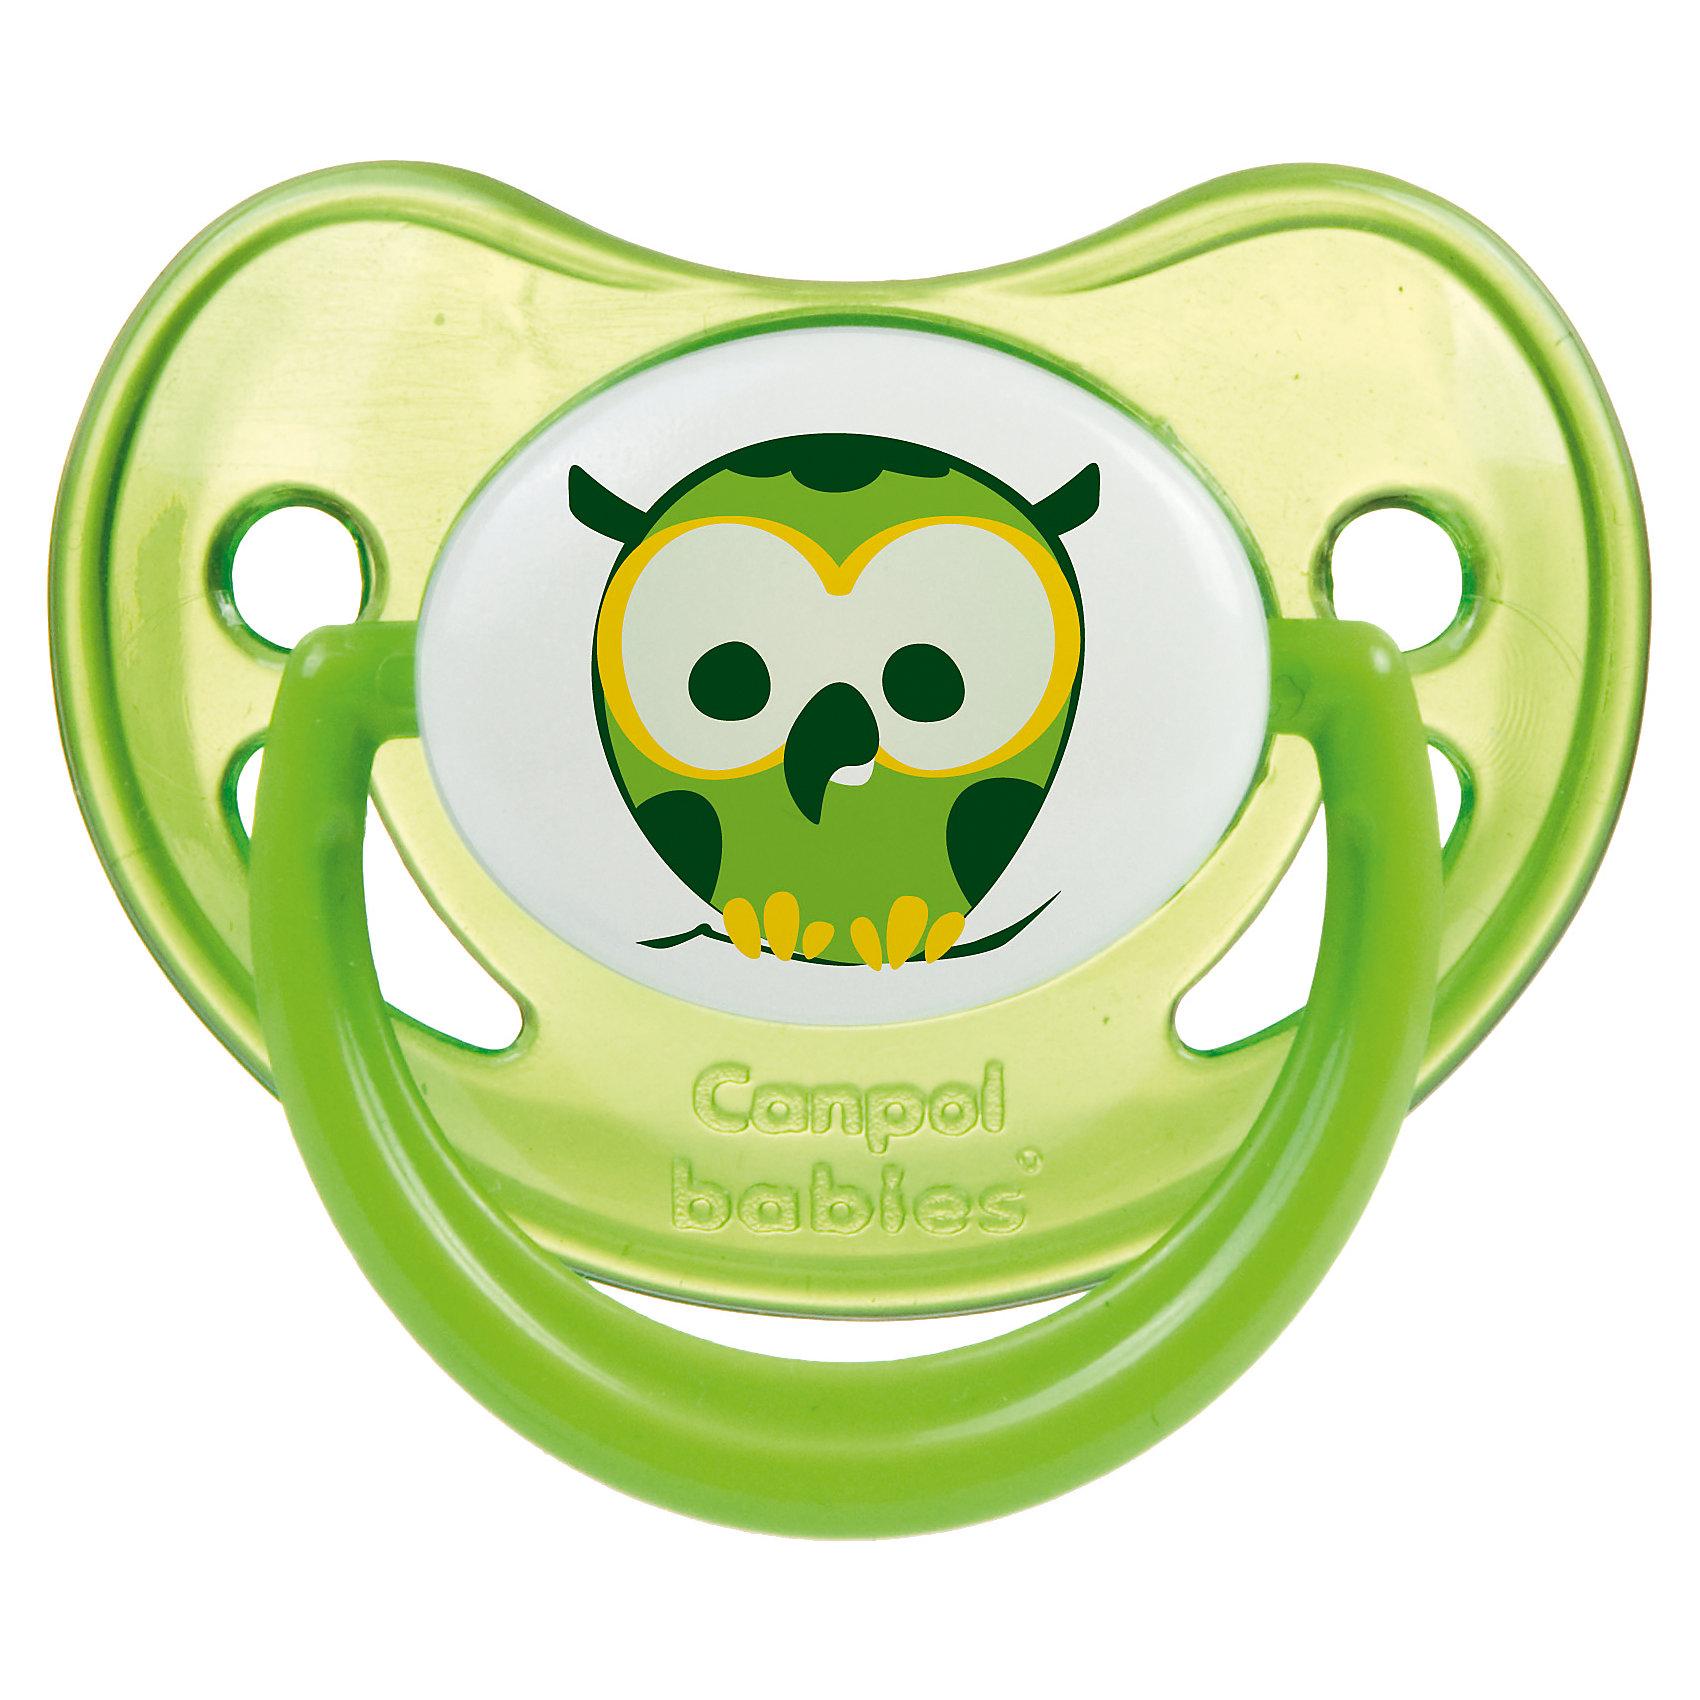 Пустышка анатомическая силиконовая, 0-6 Night Dreams, Canpol Babies, зеленыйПустышки из силикона<br>Характеристики:<br><br>• Наименование: пустышка<br>• Пол: универсальный<br>• Материал: силикон, пластик<br>• Цвет: зеленый, белый<br>• Форма: анатомическая<br>• Наличие отверстий для вентиляции<br>• Наличие кольца для держателя<br>• Особенности ухода: регулярная стерилизация и своевременная замена<br><br>Пустышка анатомическая силиконовая, 0-6 Night Dreams, Canpol Babies, зеленый имеет специальную форму, которая обеспечивает правильное давление на небо. Изготовлена из запатентованного вида силикона, который не имеет запаха. При правильном уходе обеспечивает длительное использование. У соски имеется классический ограничитель с отверстиями для вентиляции и кольцо для держателя, которое светится в темноте. Пустышка анатомическая силиконовая, 0-6 Night Dreams, Canpol Babies, зеленый выполнена в ярком дизайне с изображением совушки.<br><br>Пустышку анатомическую силиконовую, 0-6 Night Dreams, Canpol Babies, зеленую можно купить в нашем интернет-магазине.<br><br>Ширина мм: 95<br>Глубина мм: 45<br>Высота мм: 155<br>Вес г: 110<br>Возраст от месяцев: 0<br>Возраст до месяцев: 6<br>Пол: Унисекс<br>Возраст: Детский<br>SKU: 5156609